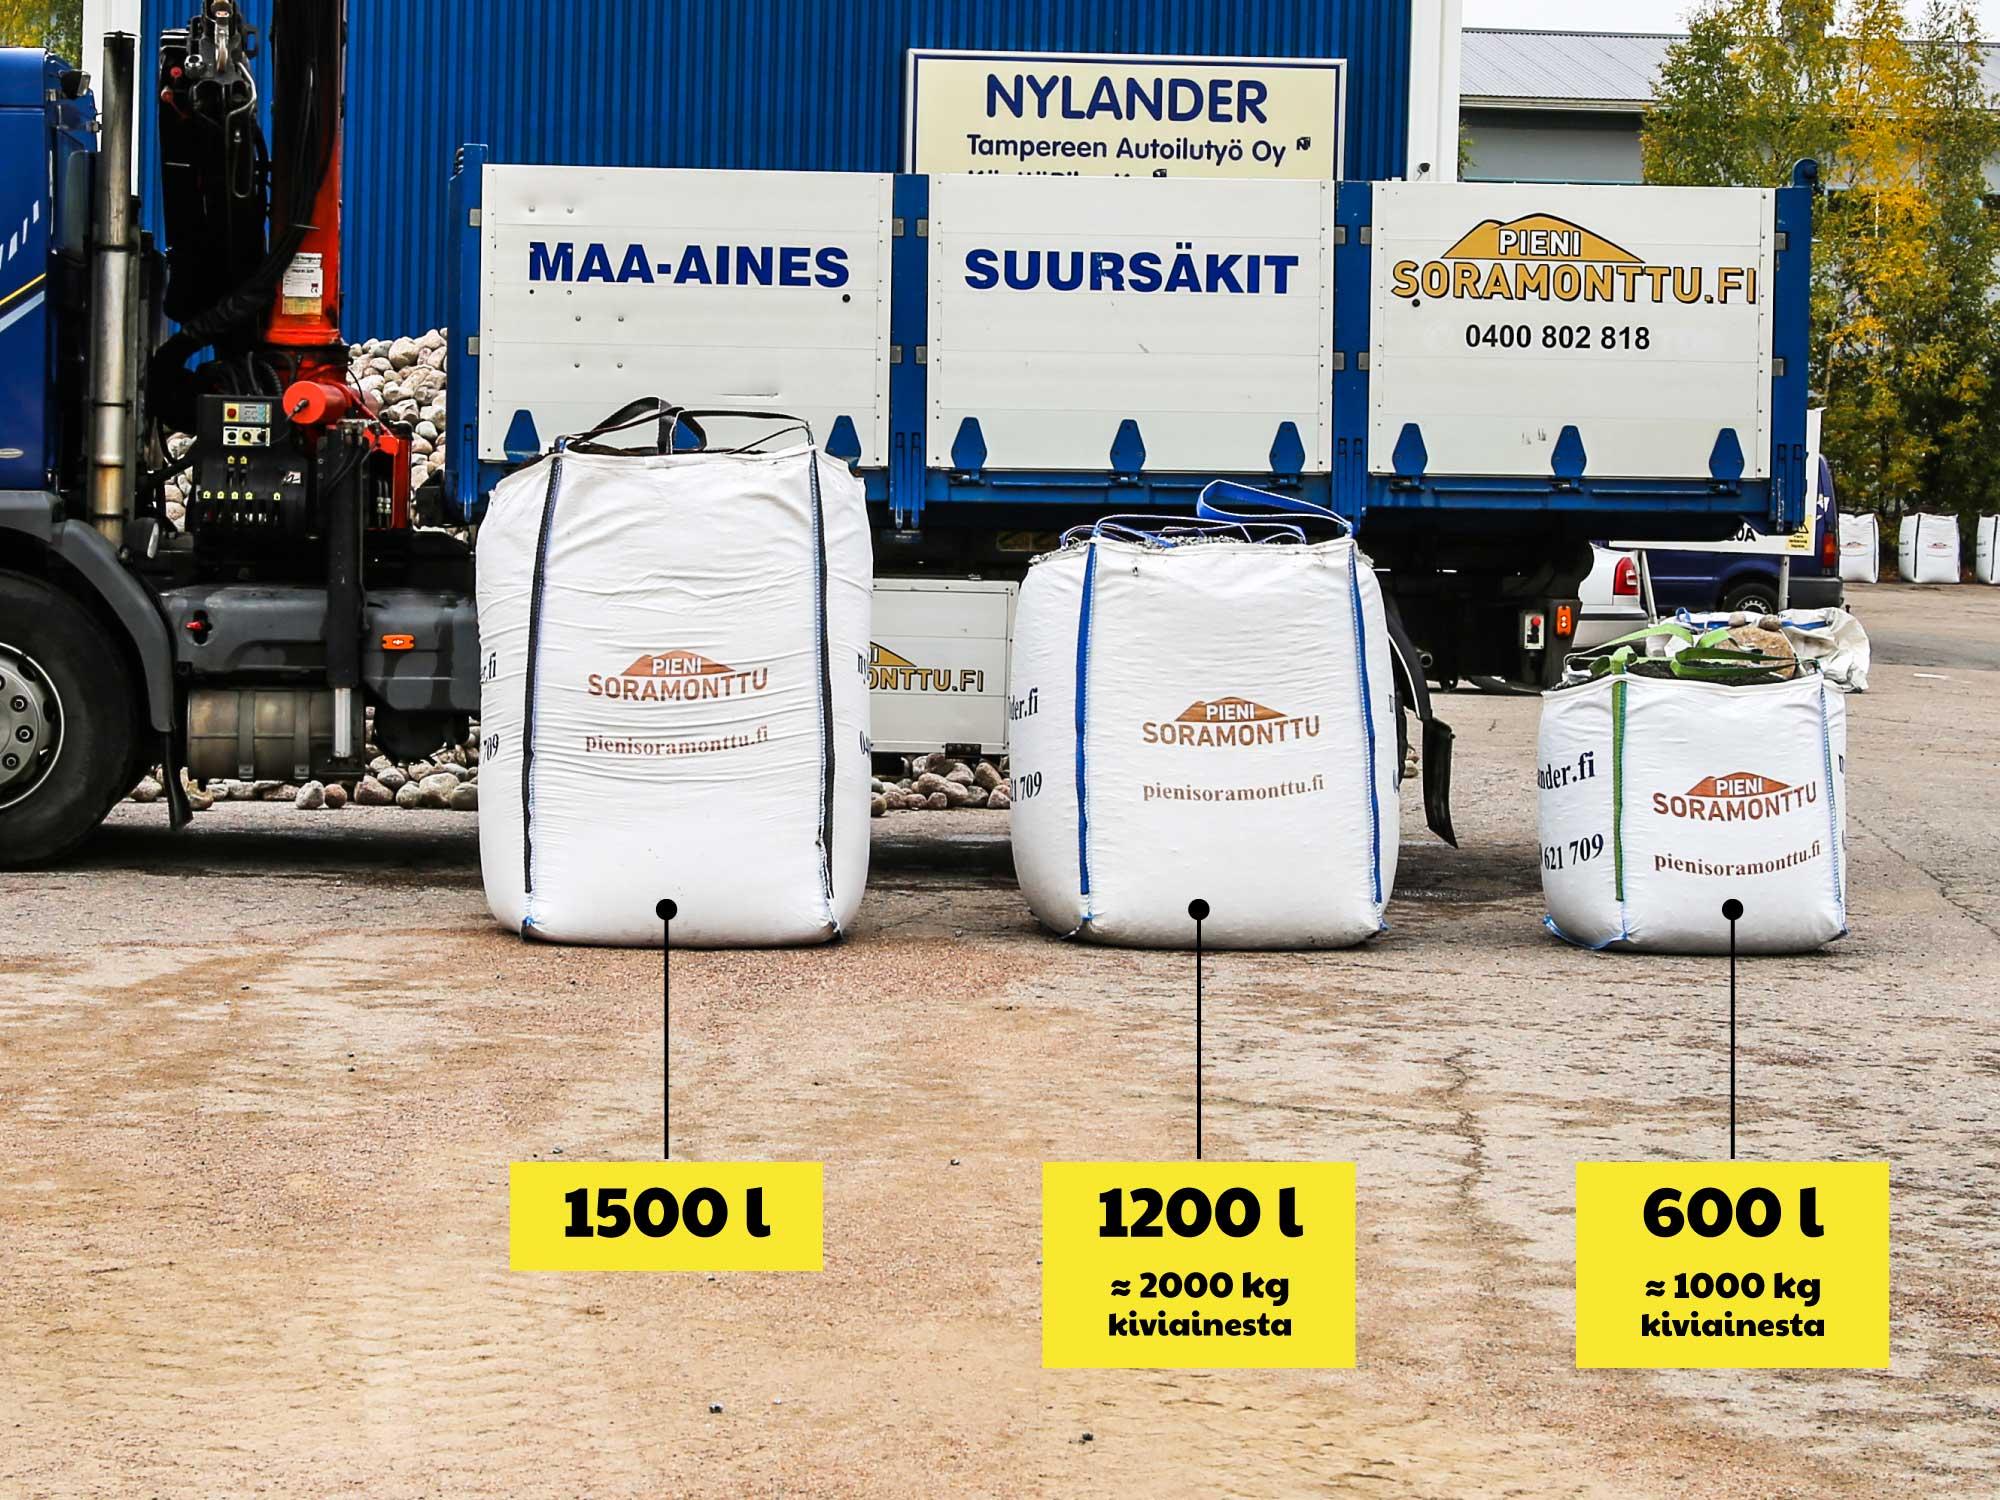 Pieni Soramonttu: Suursäkkien koot ovat 1500, 1200 ja 600 litraa.